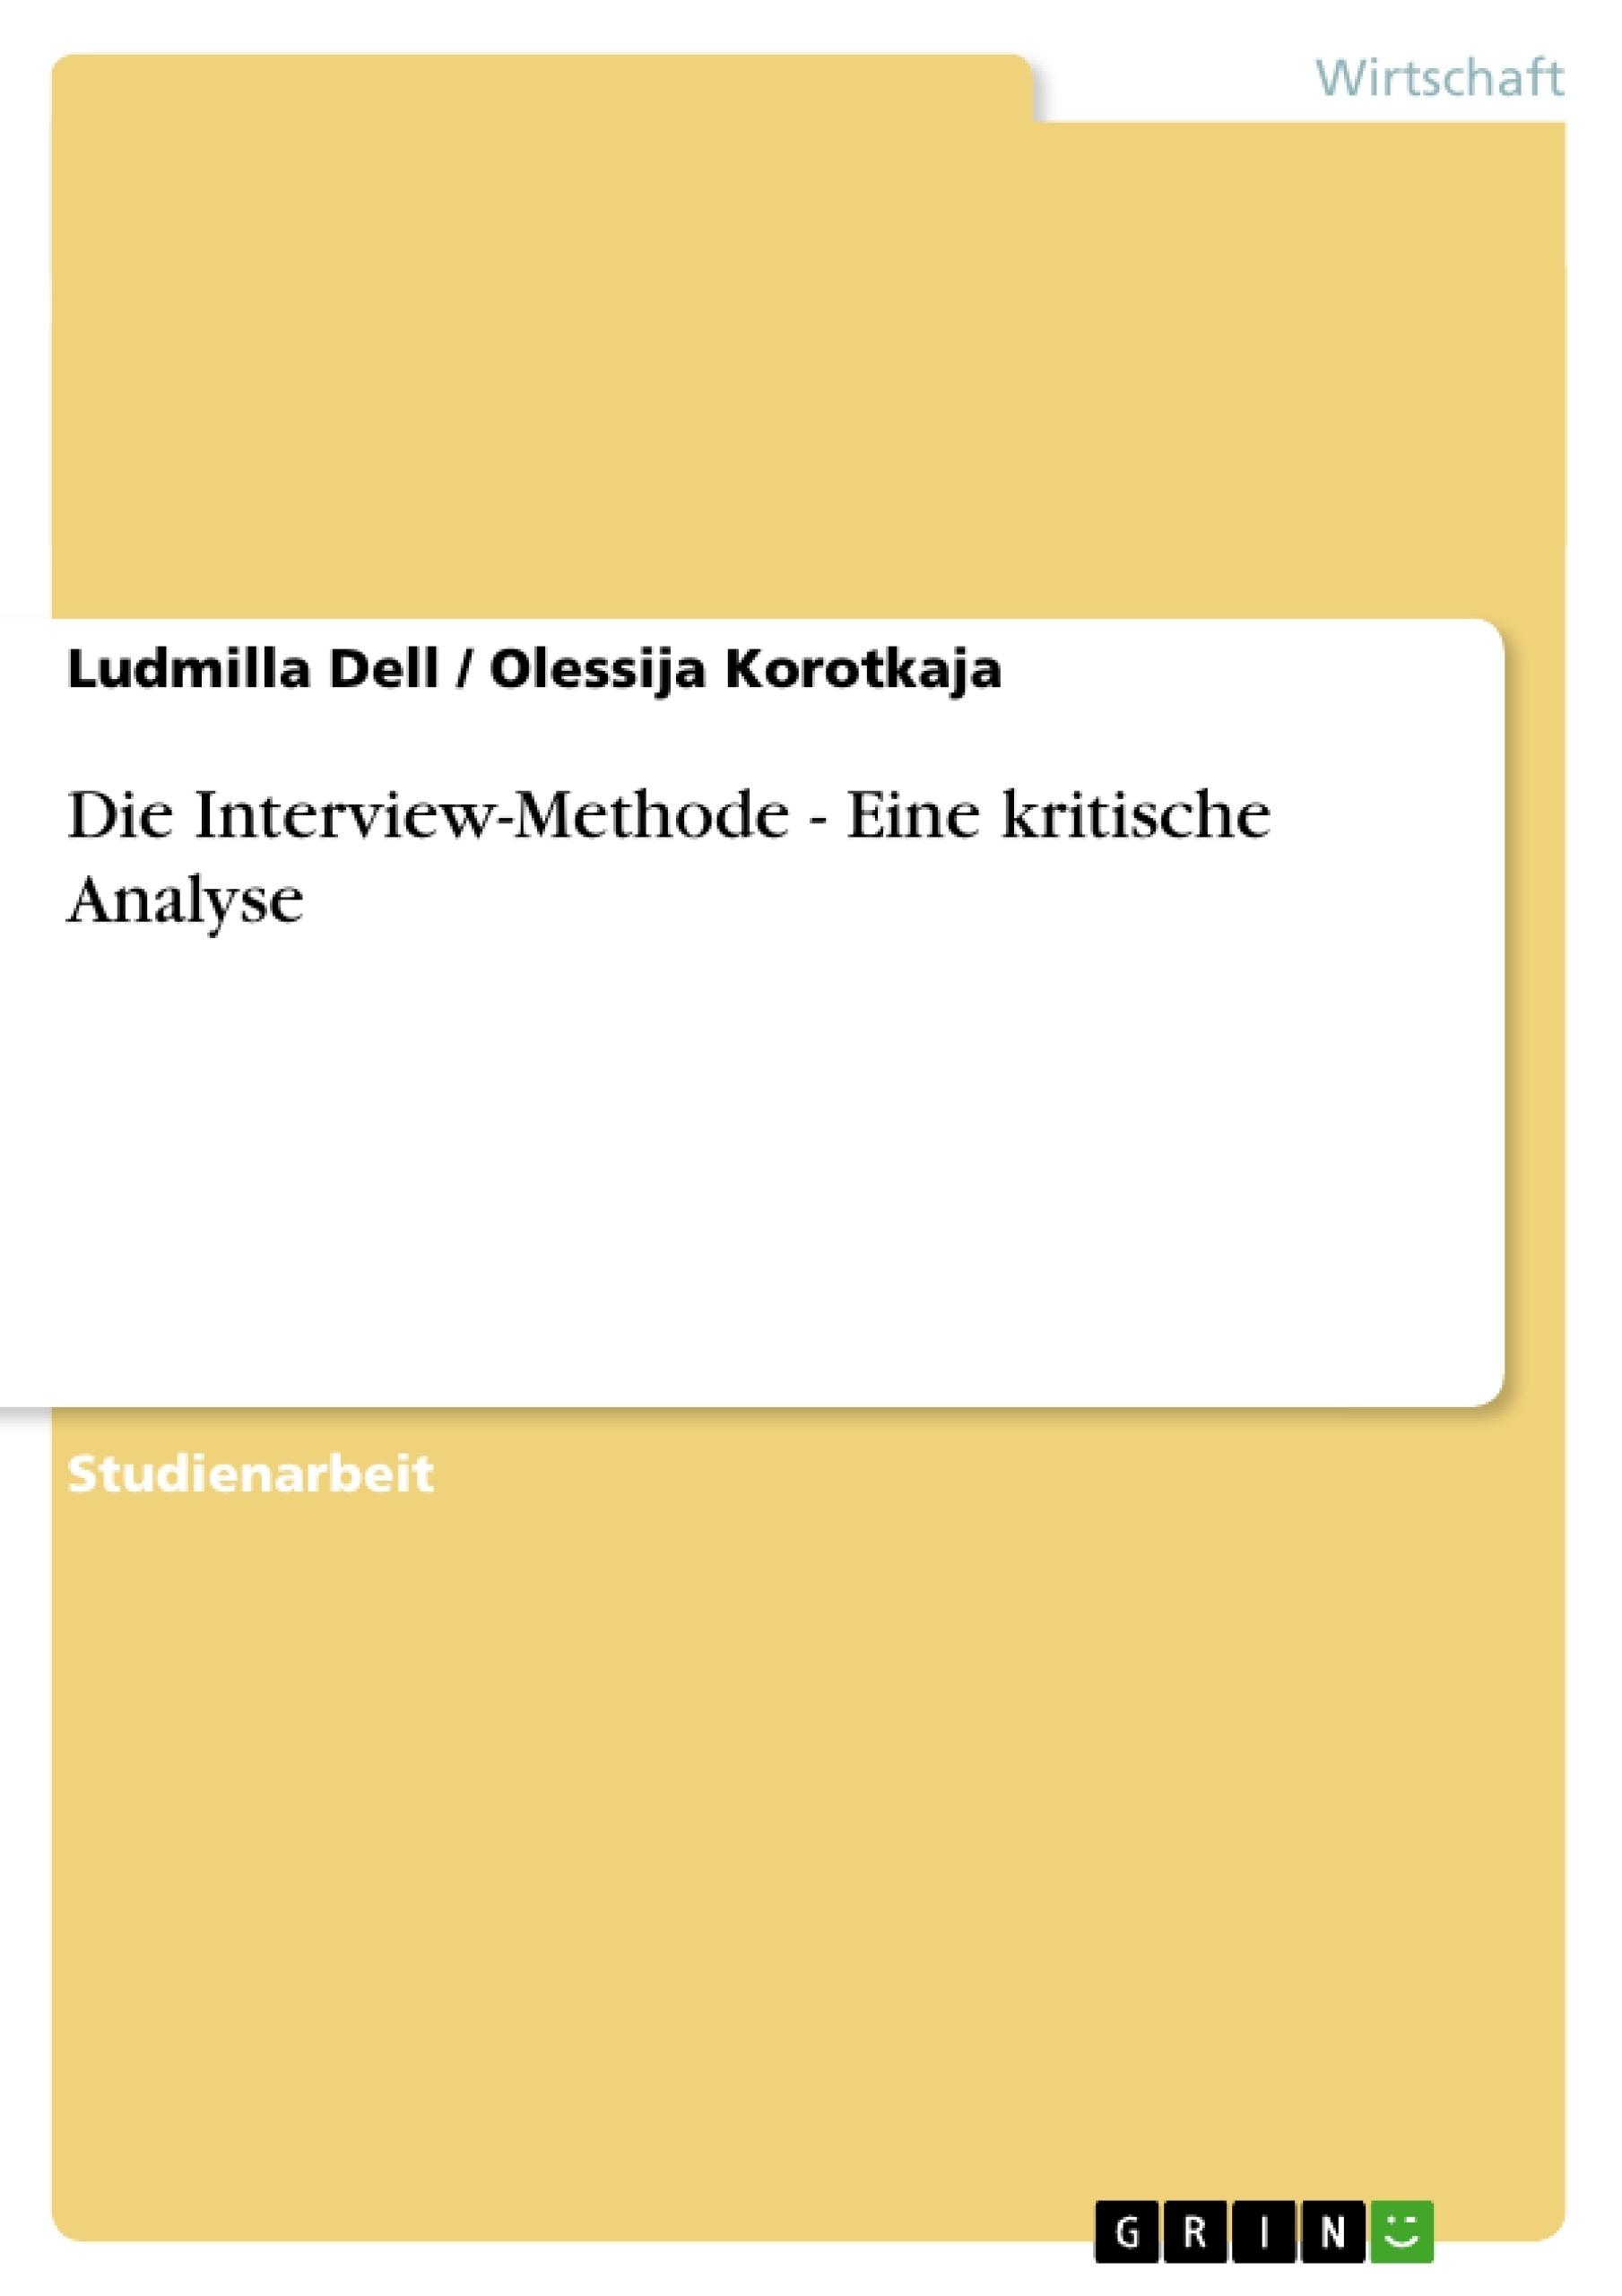 Titel: Die Interview-Methode - Eine kritische Analyse